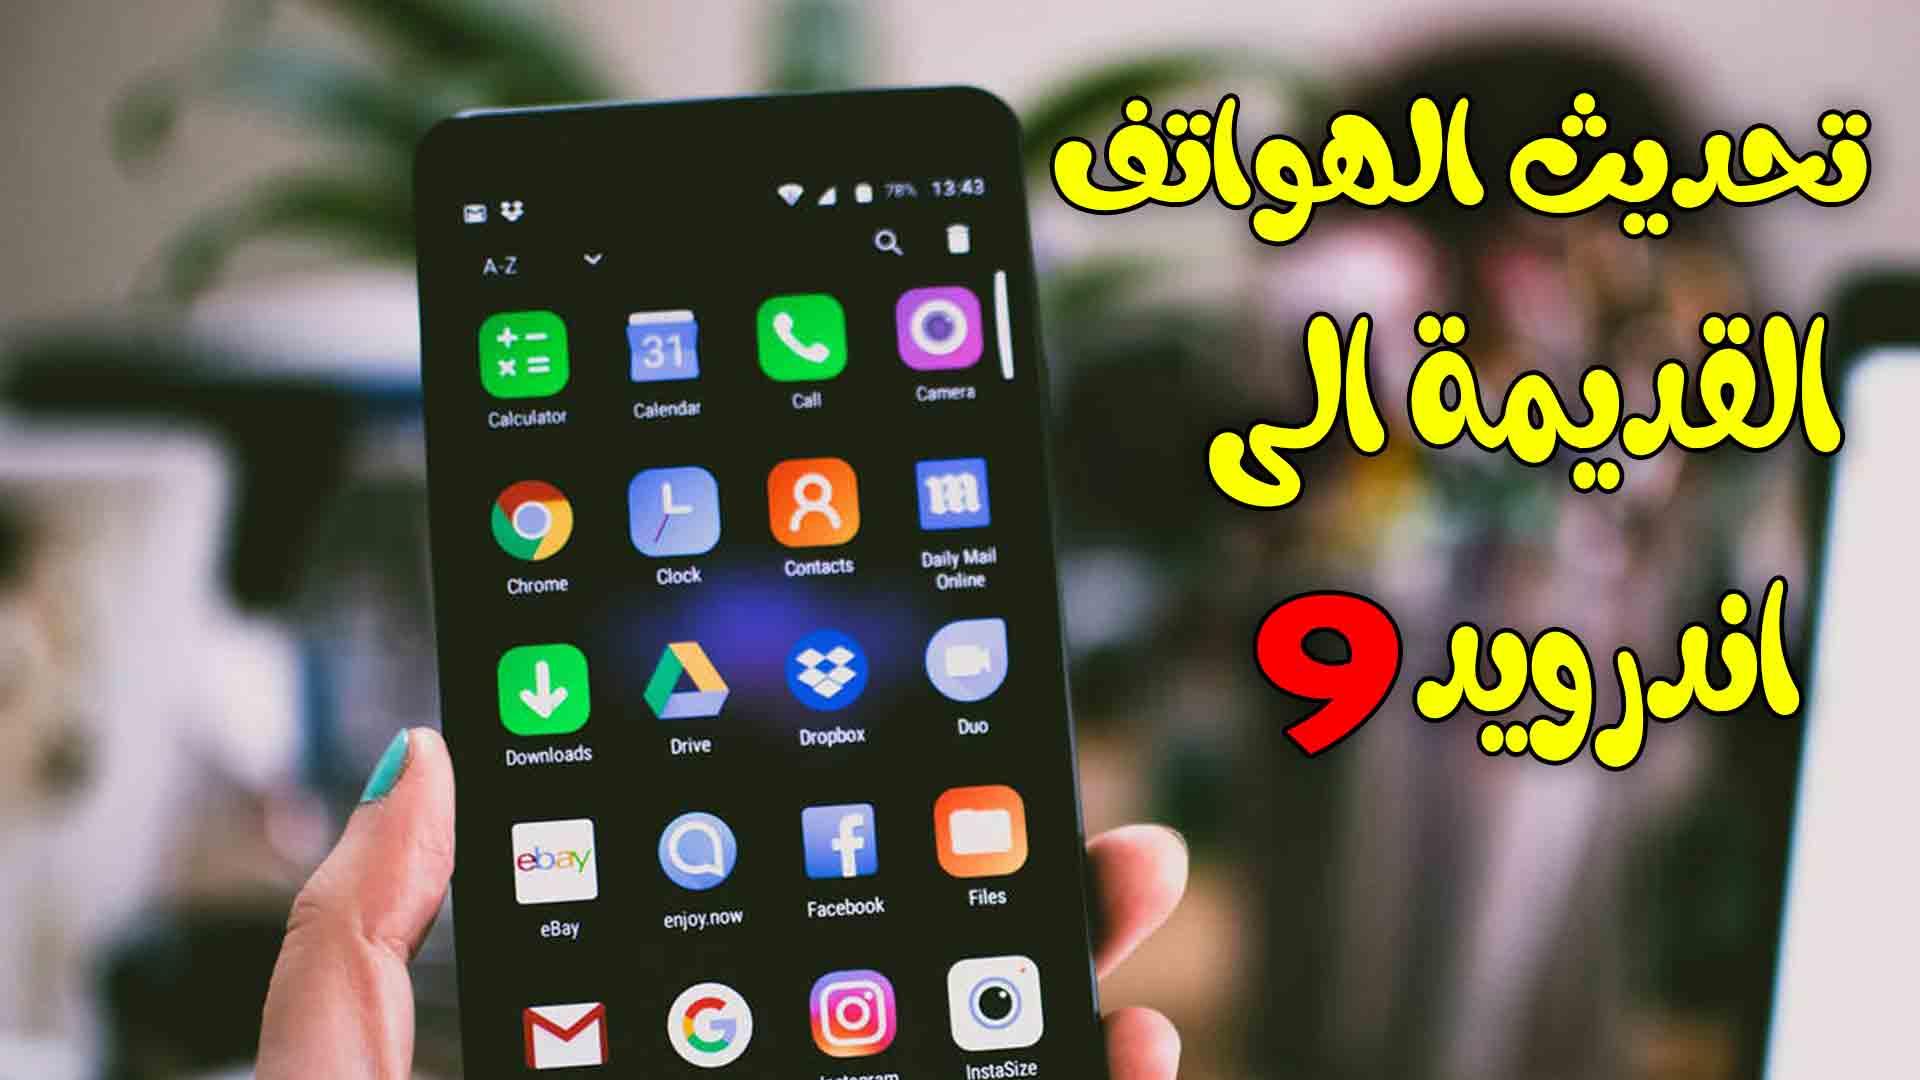 تطبيق ma2yo اسطوري لتحديث الهواتف القديمة الى اندرويد 9 !